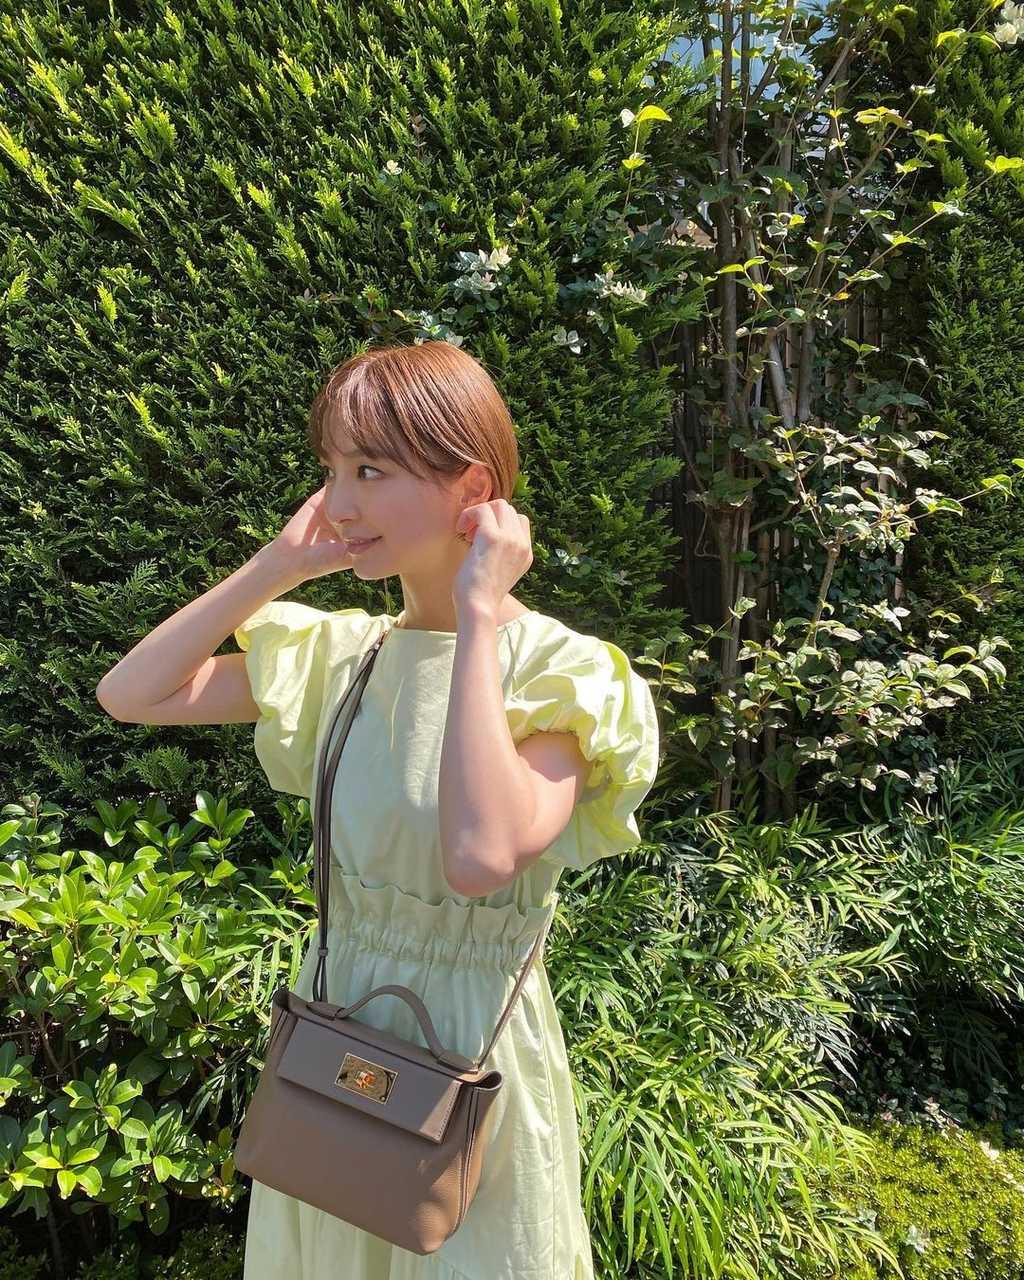 篠田麻里子、つやつや素肌が羨ましい!鏡越しの麗し過ぎる姿